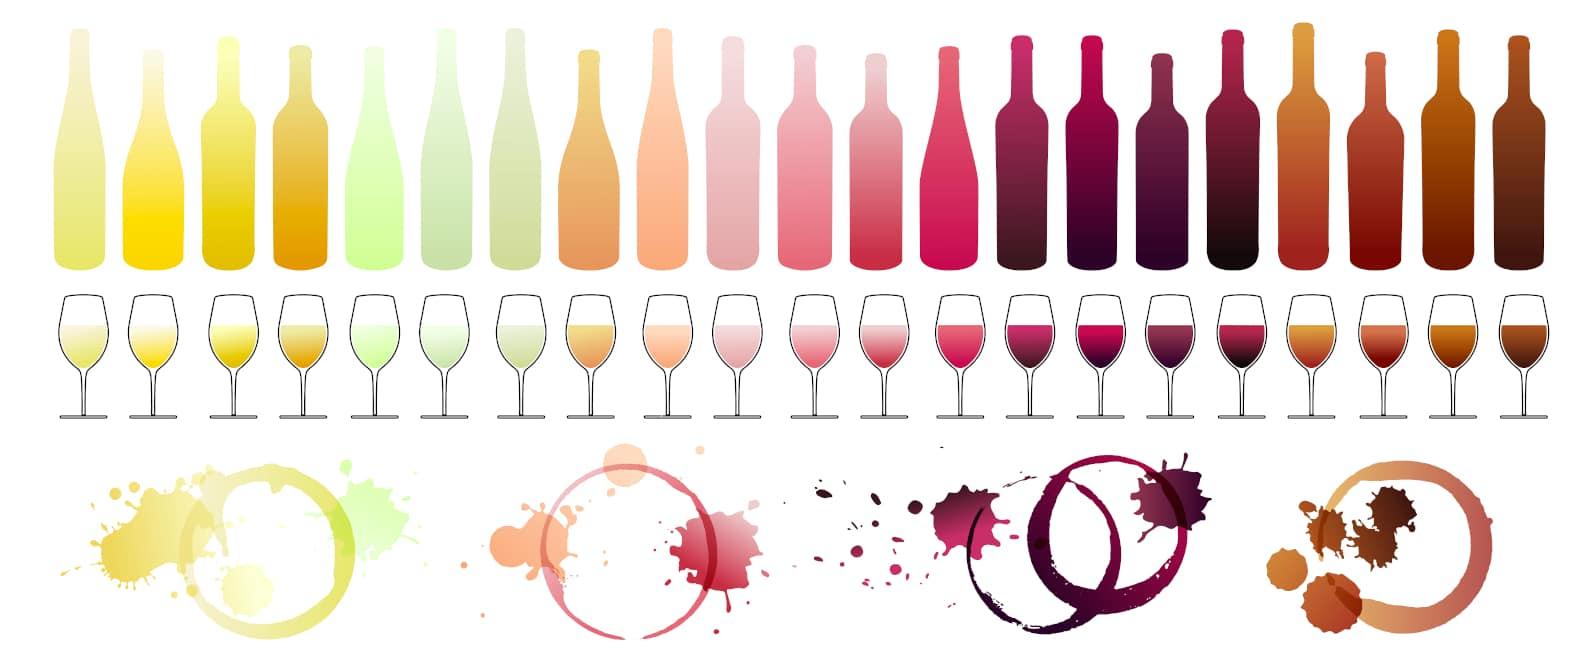 Wine Color Gradients